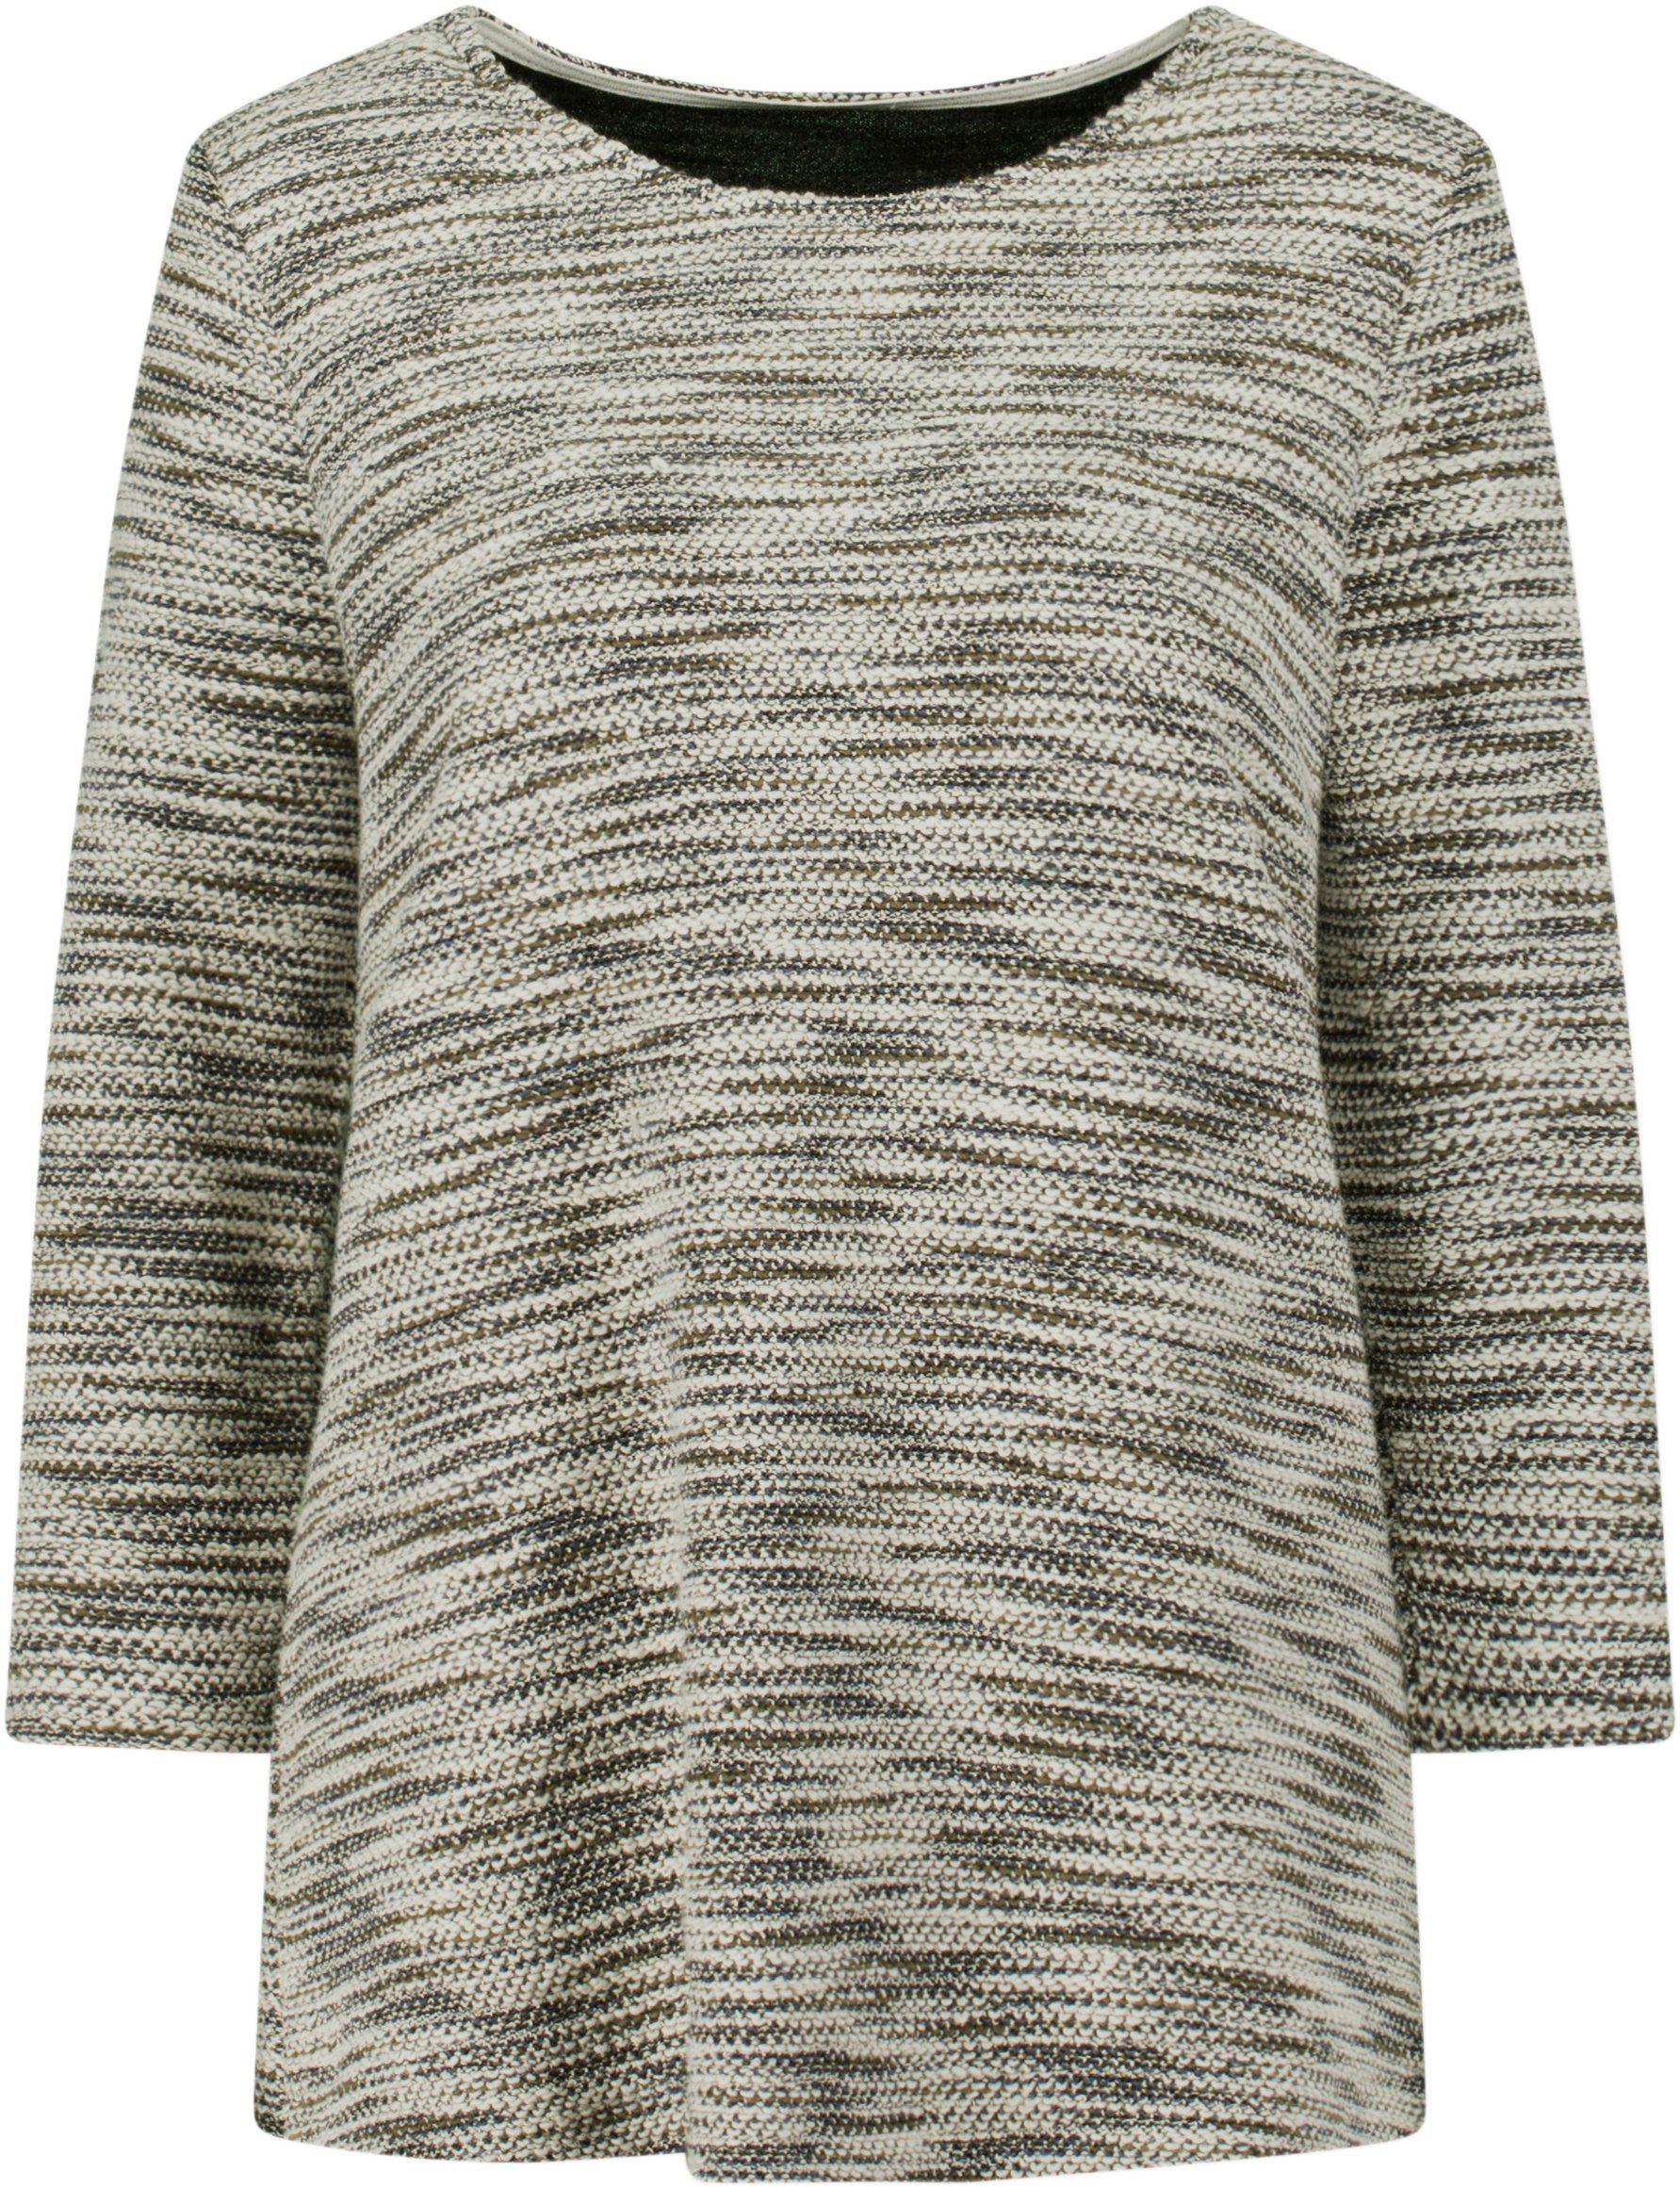 Ambria Shirt Met Extra Mooie Achterkant Snel Online Gekocht - Geweldige Prijs